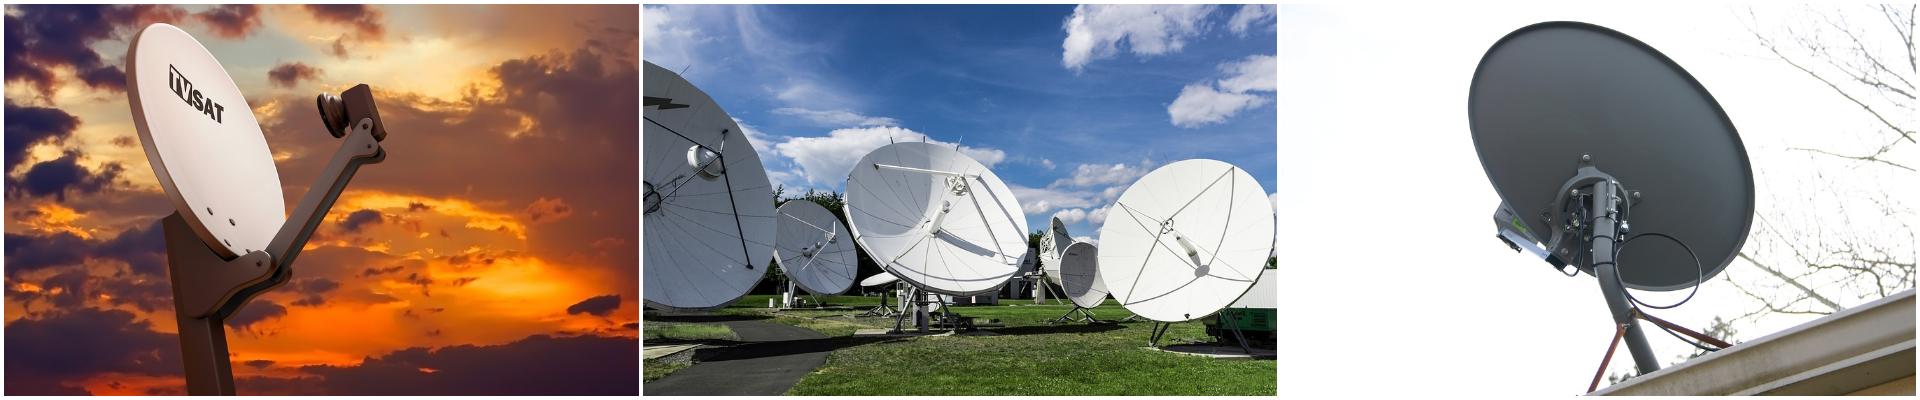 antenas en salobrena, antenas en motril, canal plus en motril, canal plus en almuñecar,